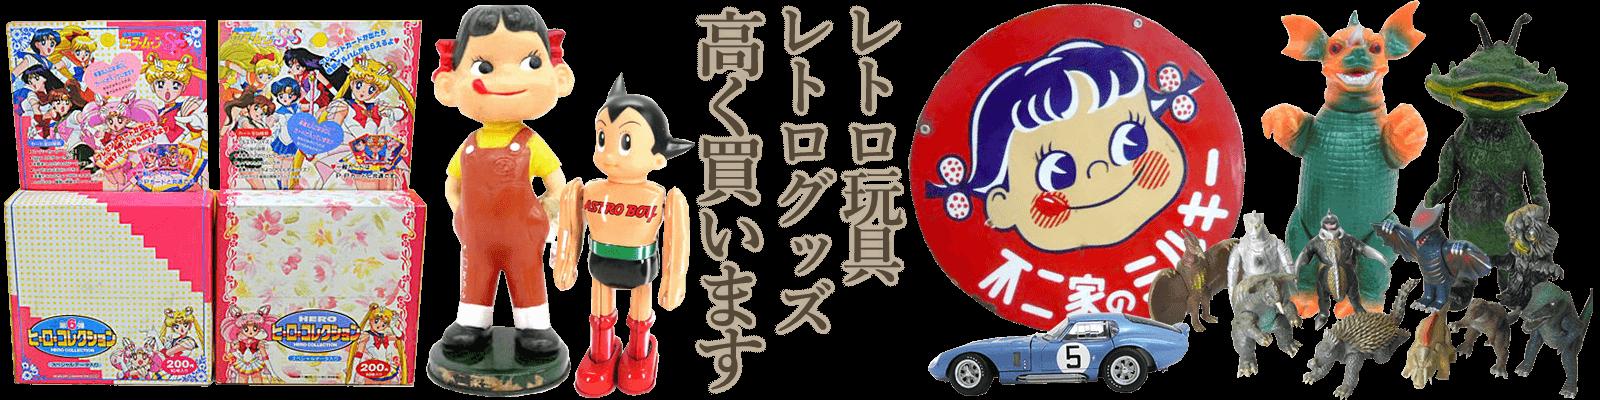 02a502cc9471c5 レトロ玩具買取 古いおもちゃ高価買取|くじら堂|ホビー玩具買取